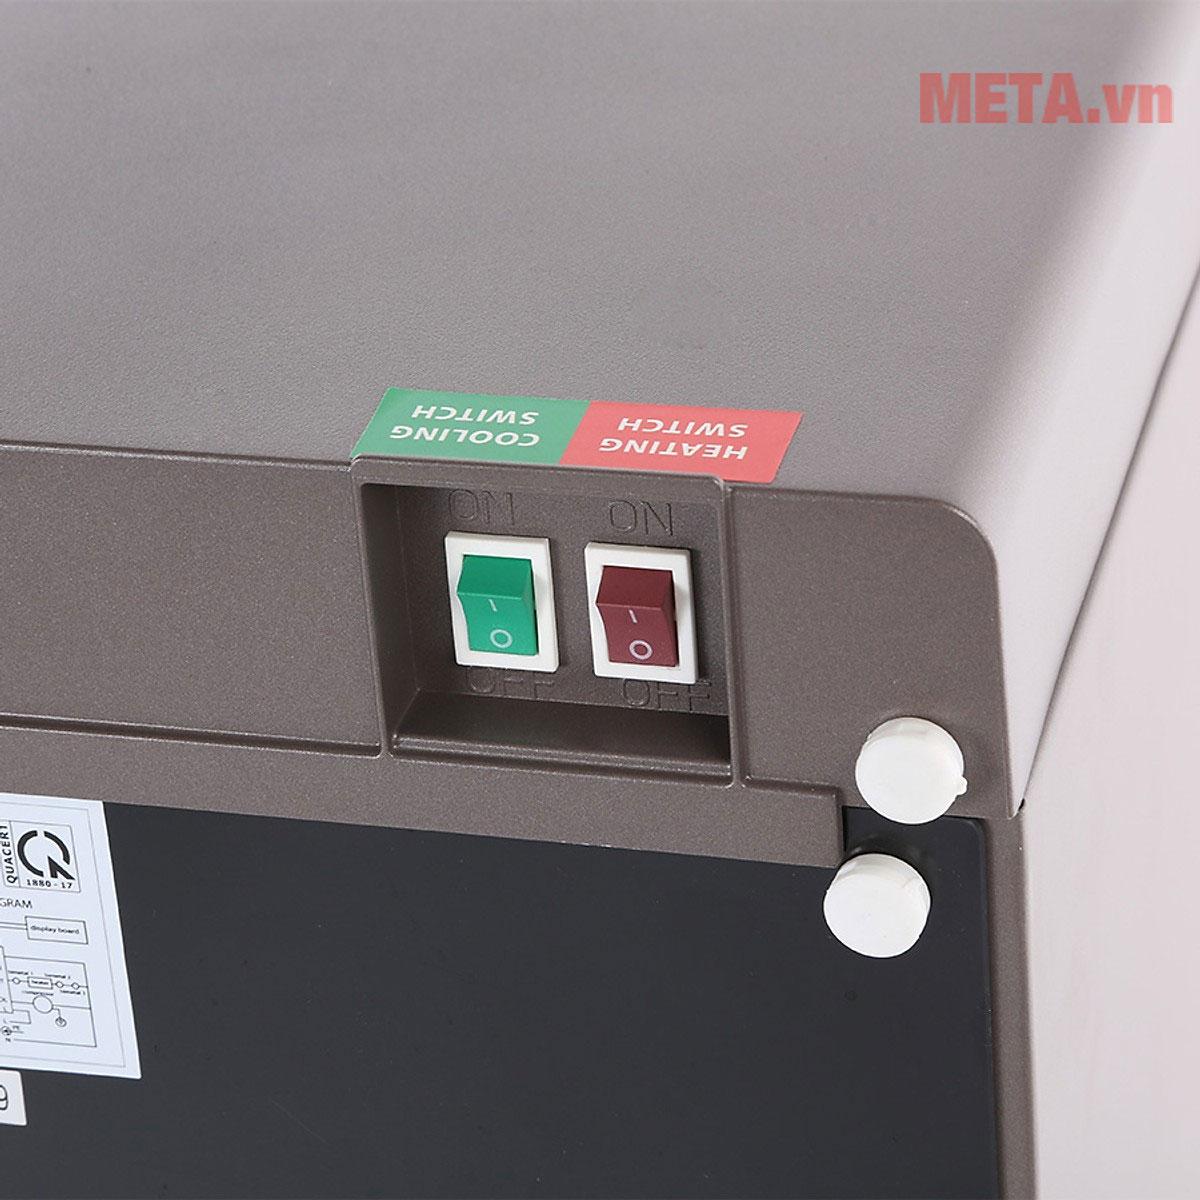 Công tắc bật/tắt chức năng nóng/lạnh thiết kế phía sau đảm bảo an toàn với trẻ nhỏ